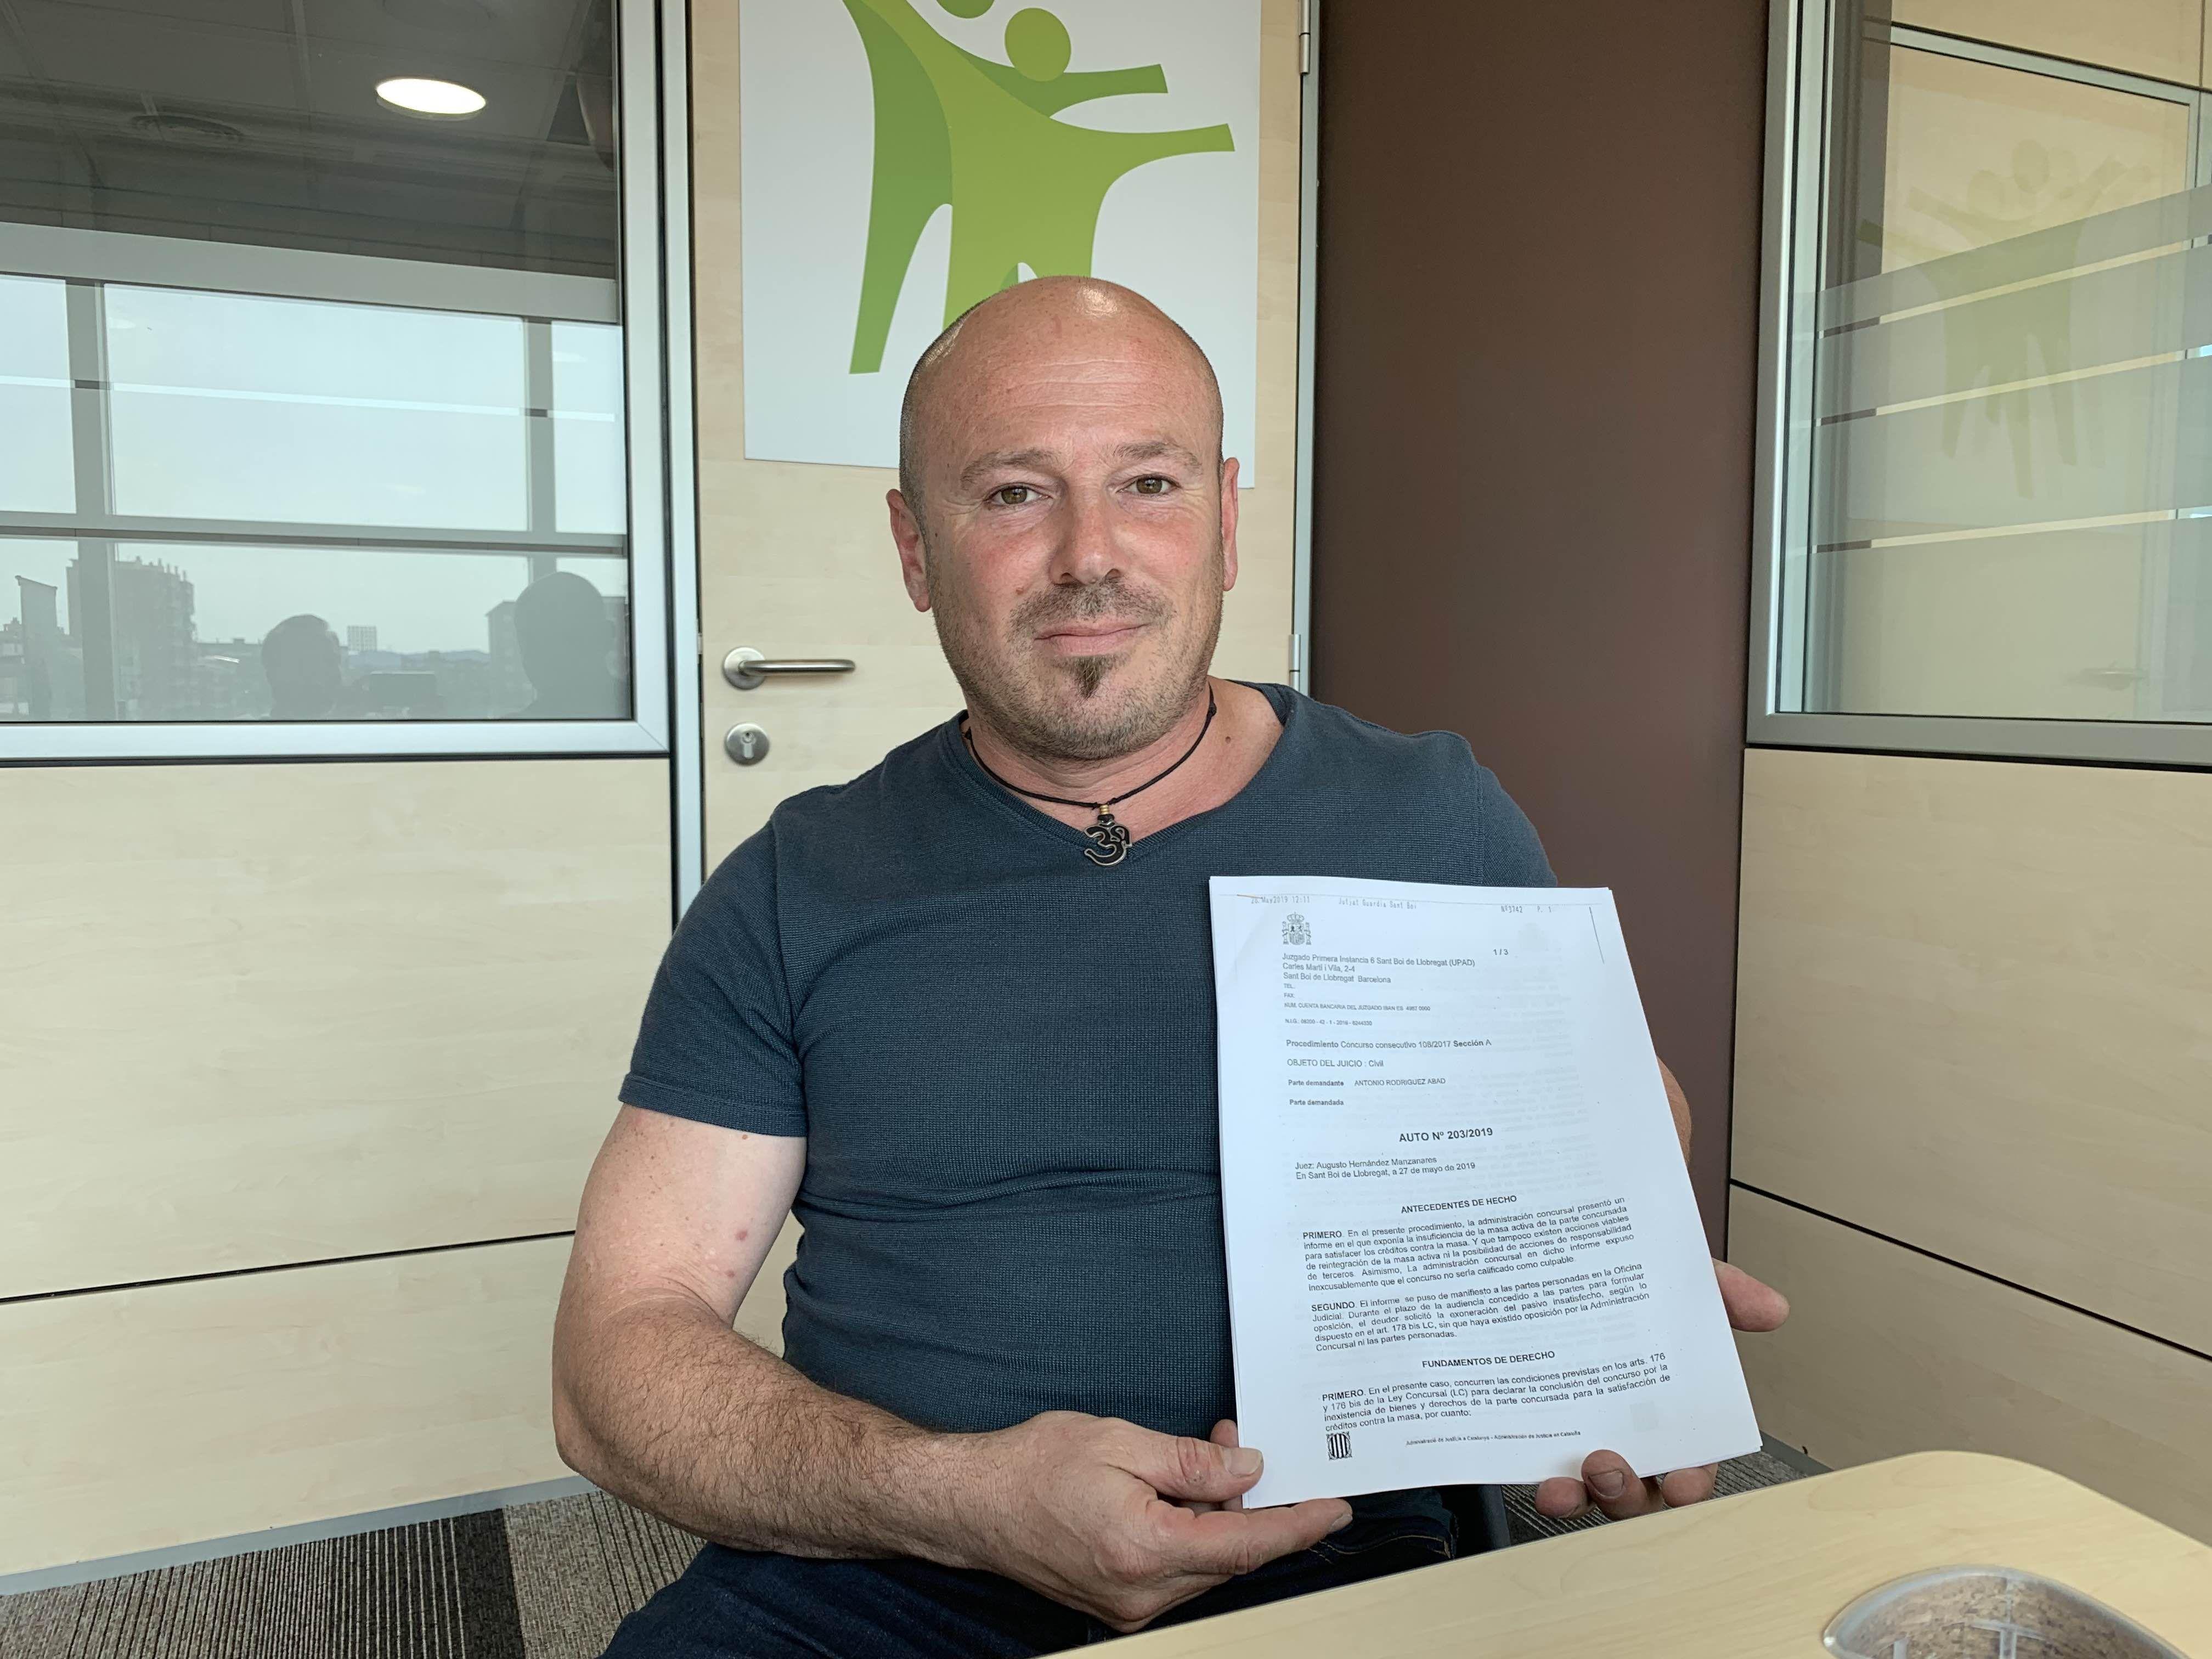 Antonio recibe la cancelación de su deuda de más de 50.000 eur c